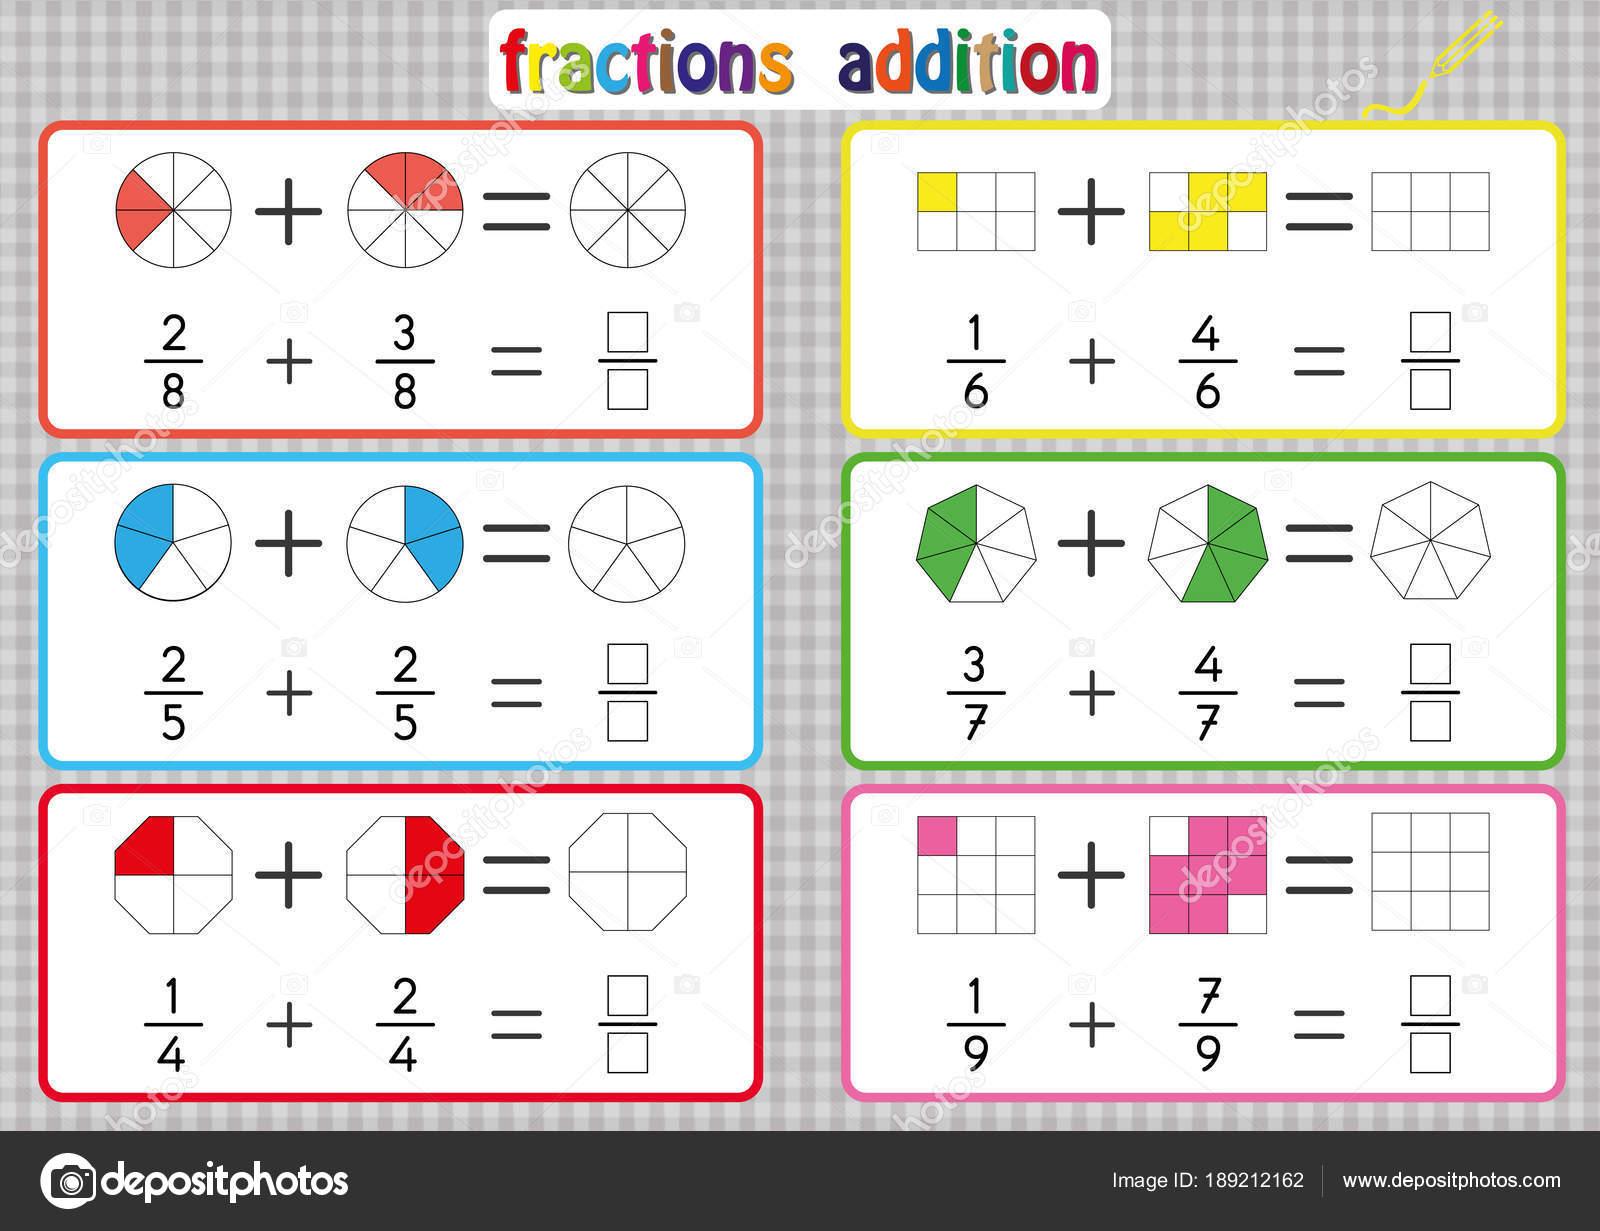 Adición de fracciones, para imprimir hojas de cálculo de fracciones ...